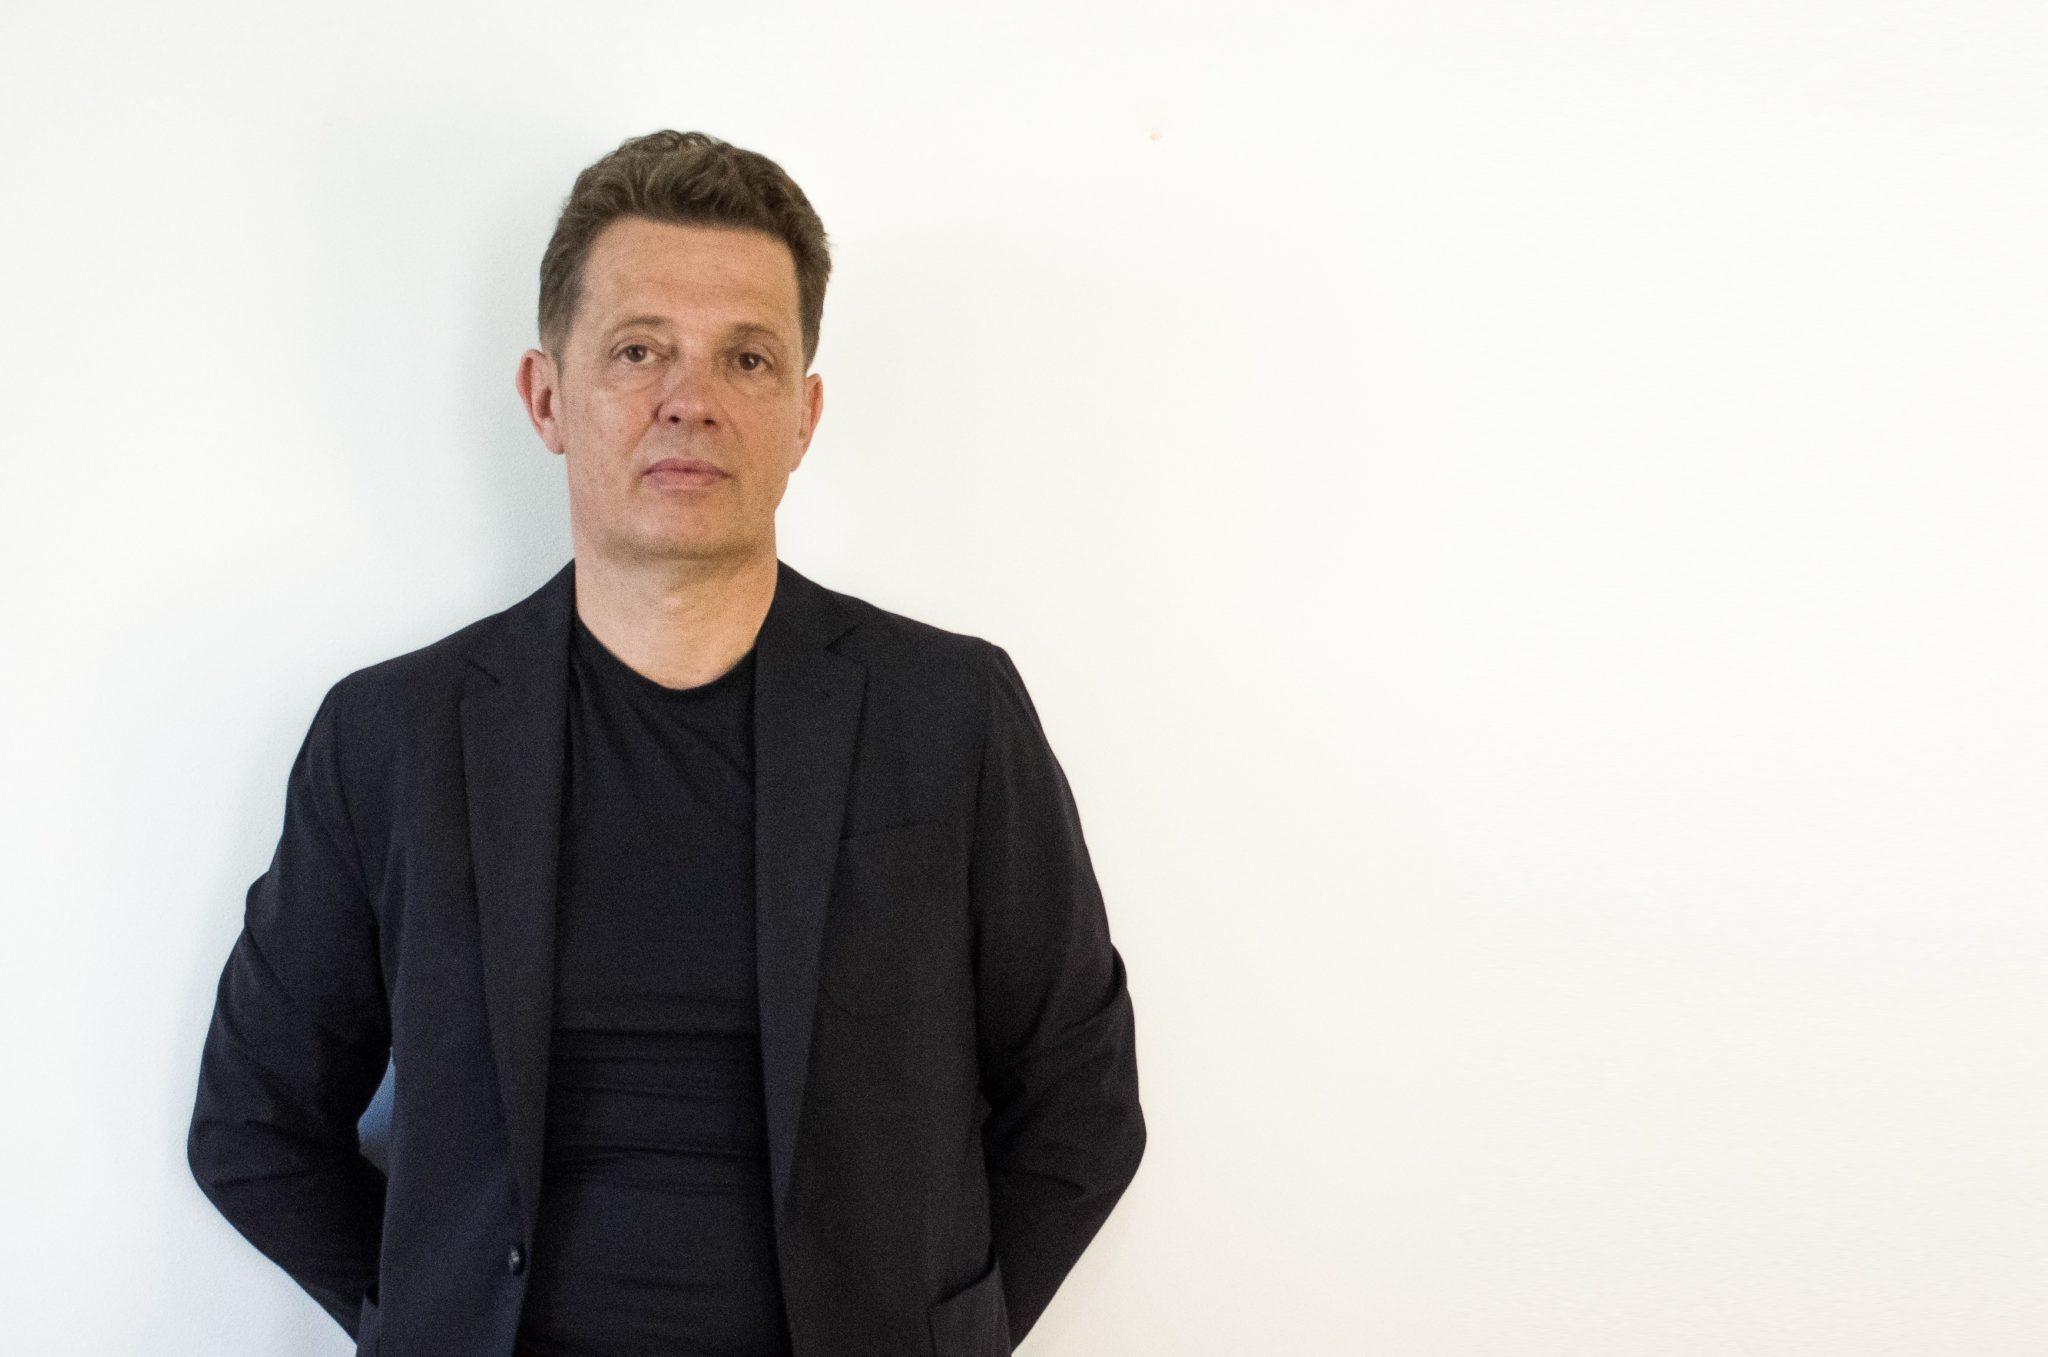 Piotr Śmierzewski